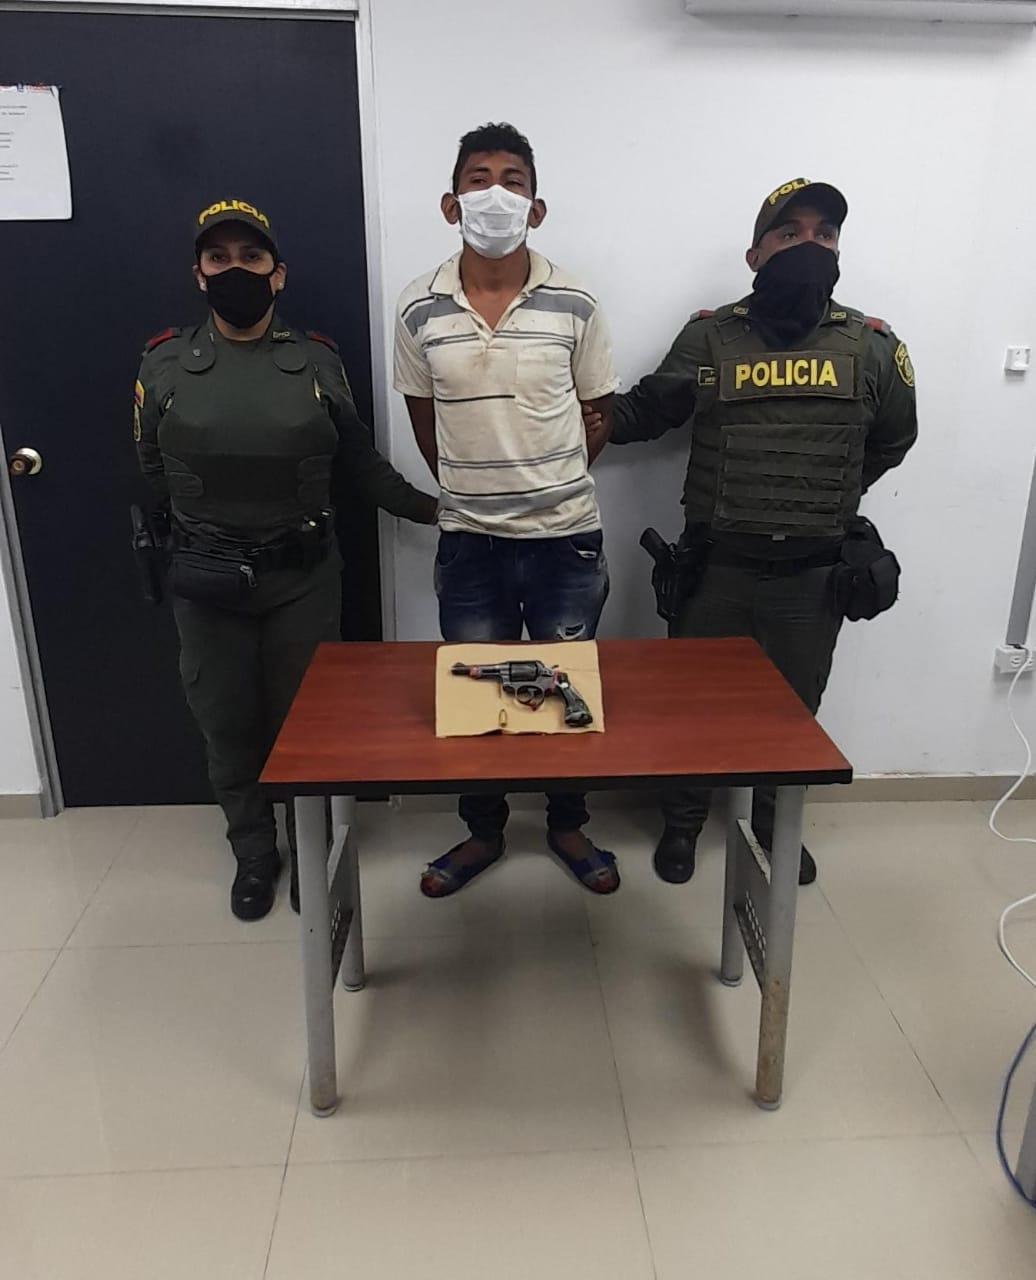 https://www.notasrosas.com/En Riohacha: portaba arma de fuego ilegal, y fue capturado por la Policía Nacional